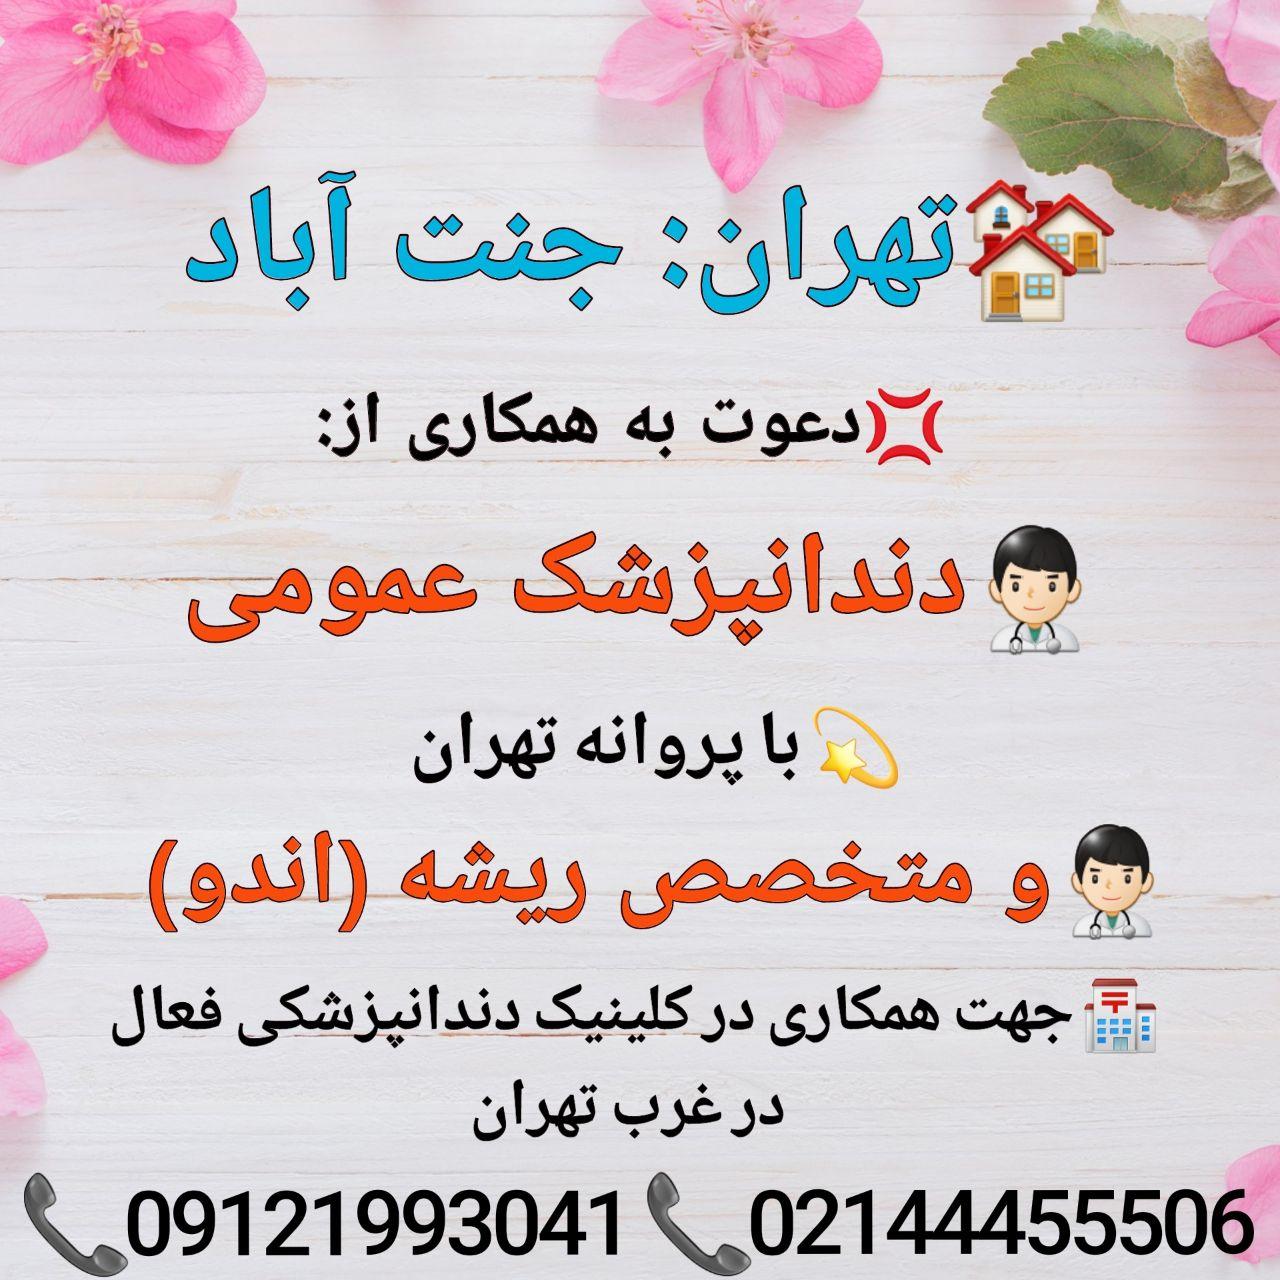 تهران: جنت آباد، نیاز به دندانپزشک عمومی، و متخصص ریشه (اندو)